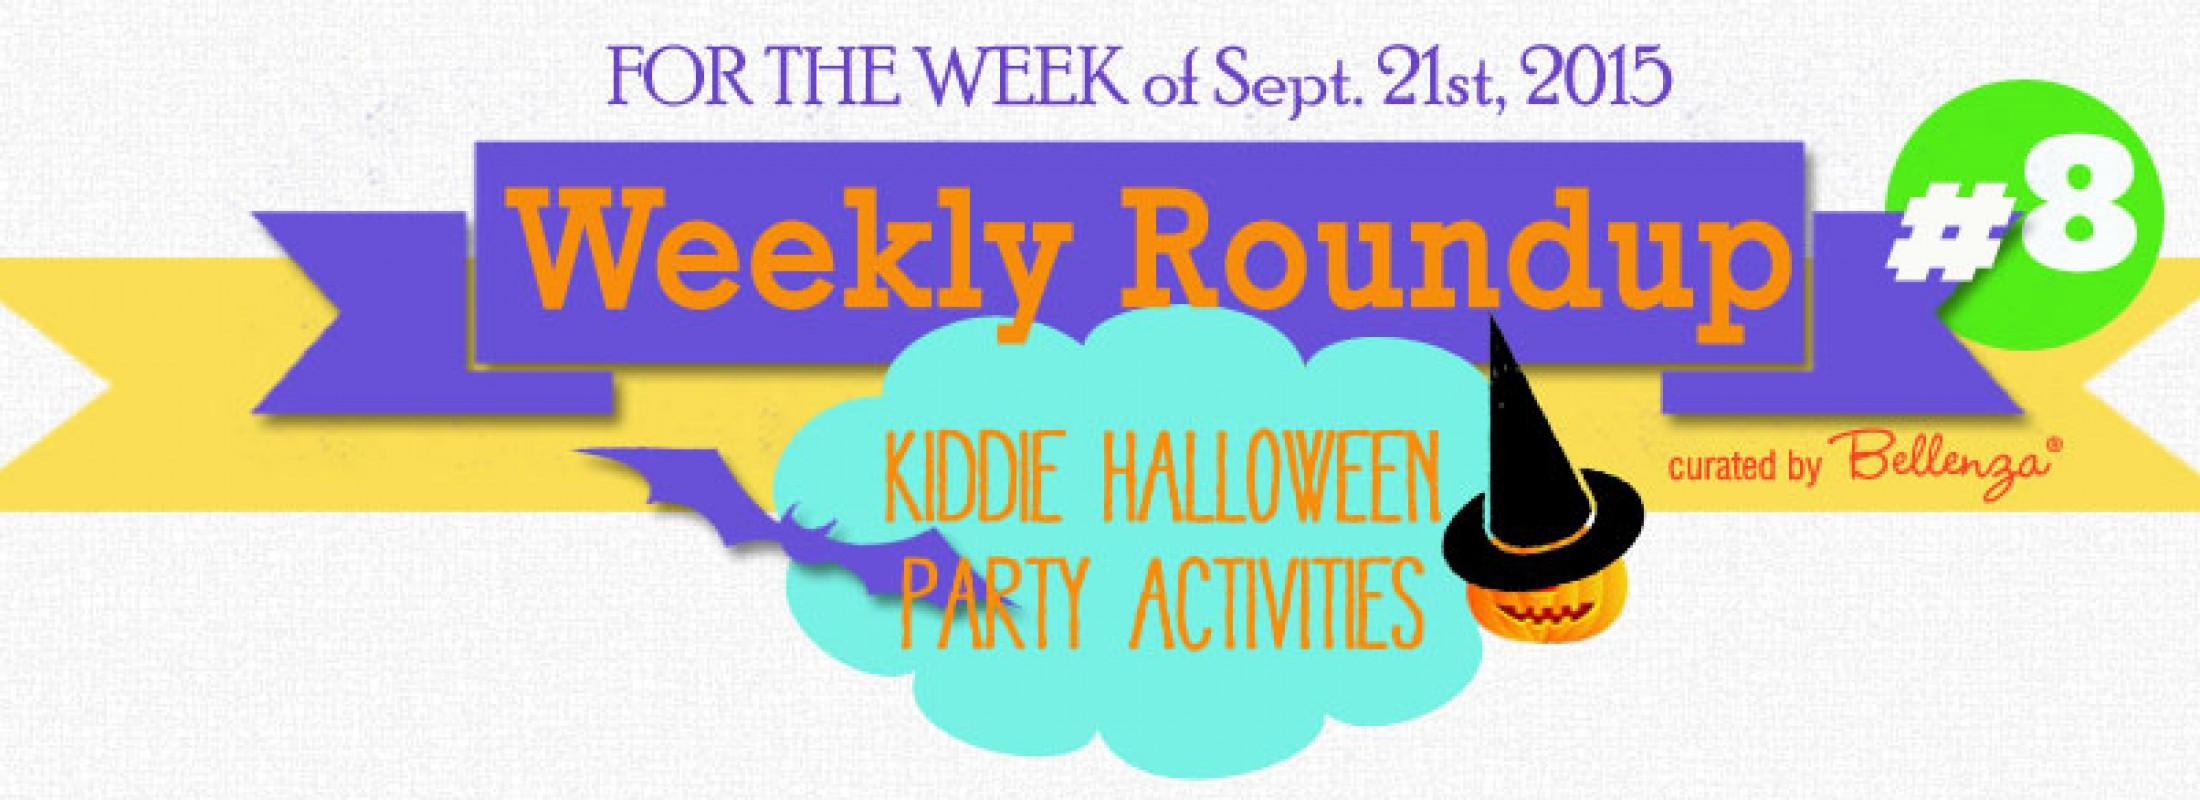 Kids Halloween Party Activities